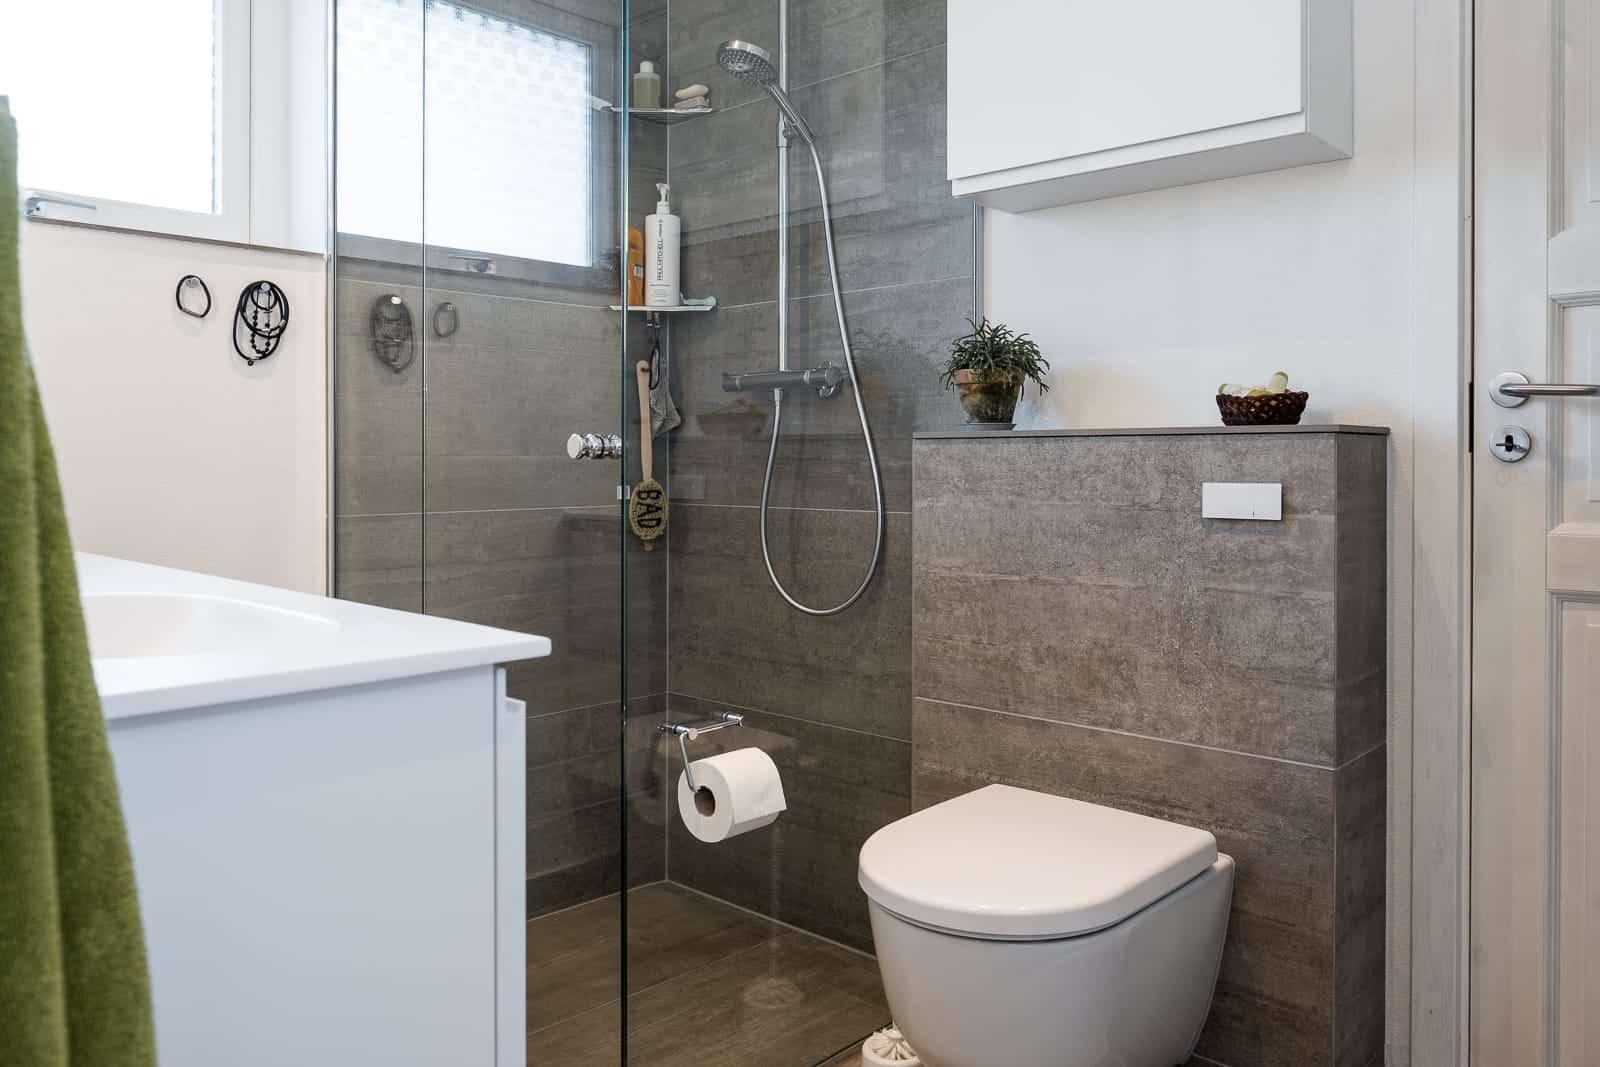 Nyt badeværelse med store klinker